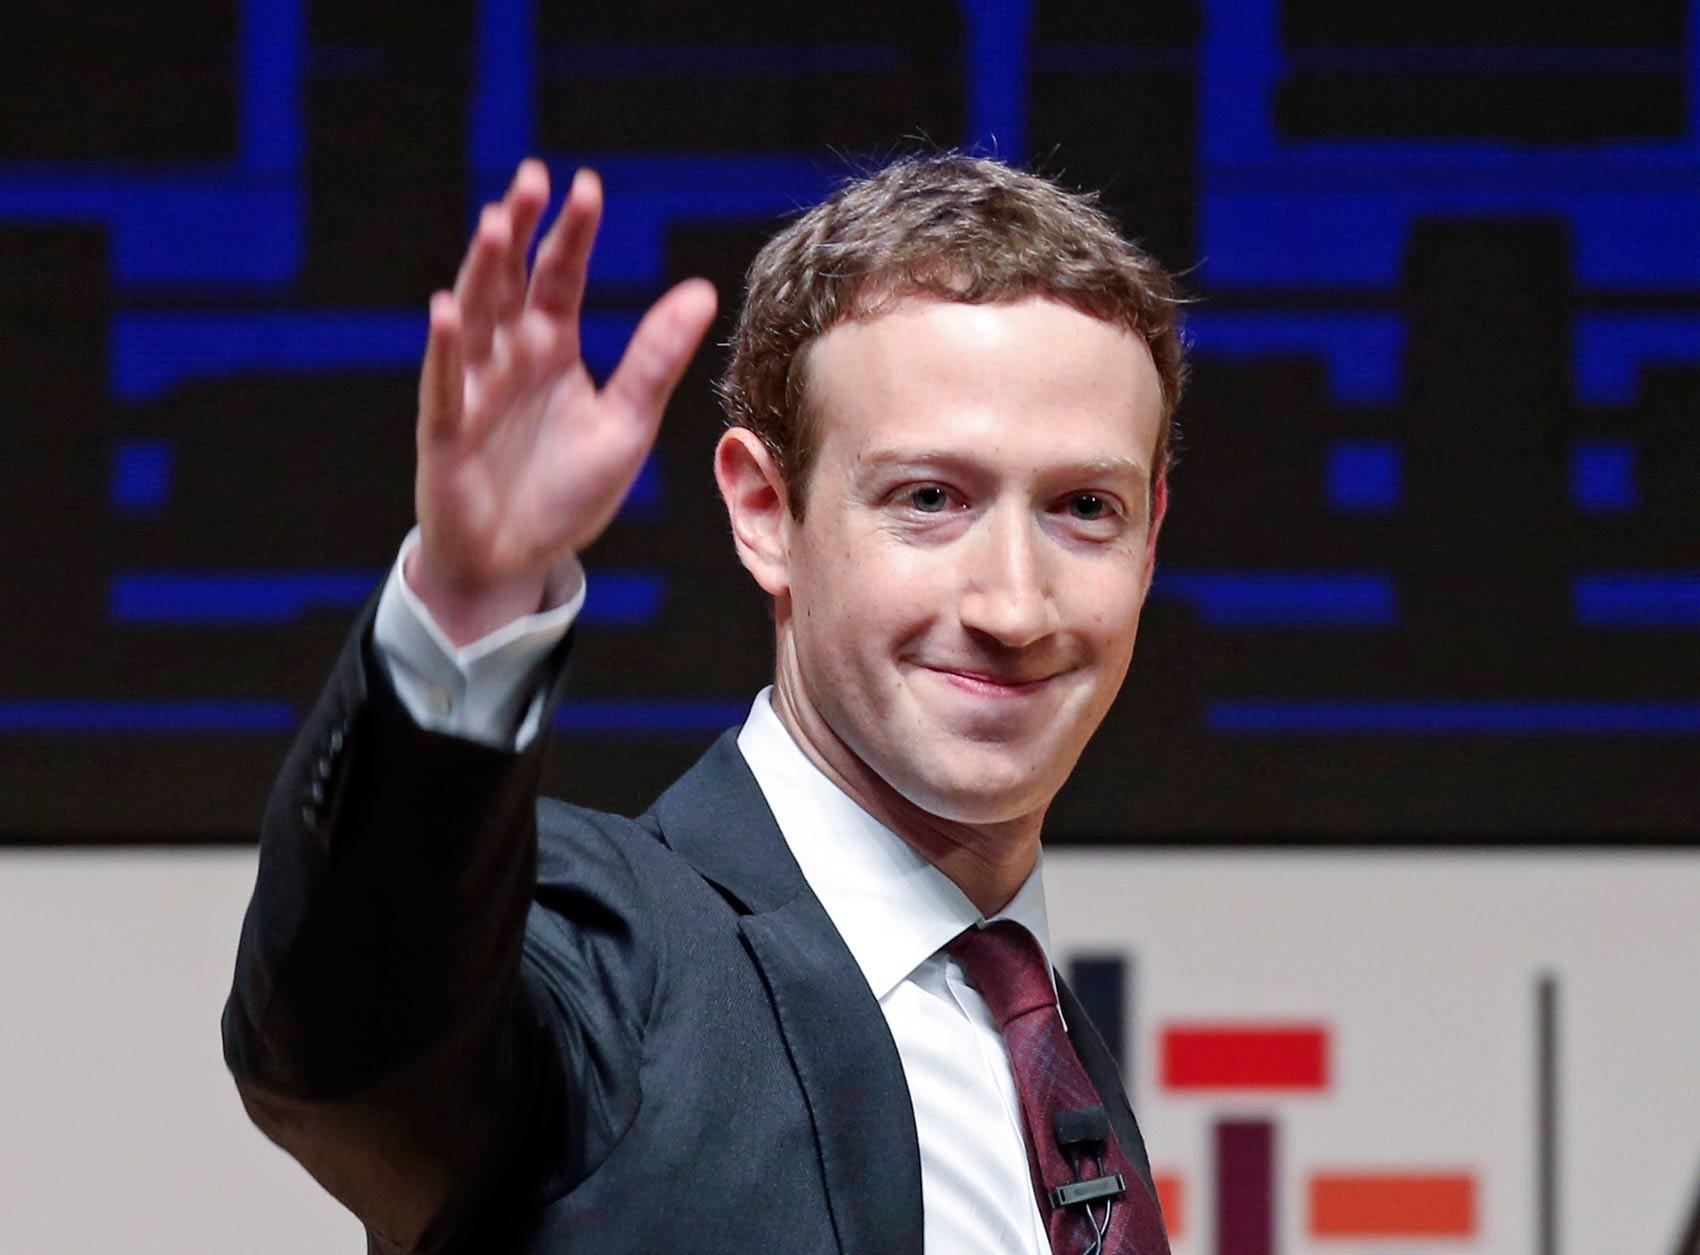 Mark Zuckerberg recupera metade do que perdeu em sua fortuna no 'dia trágico' do Facebook